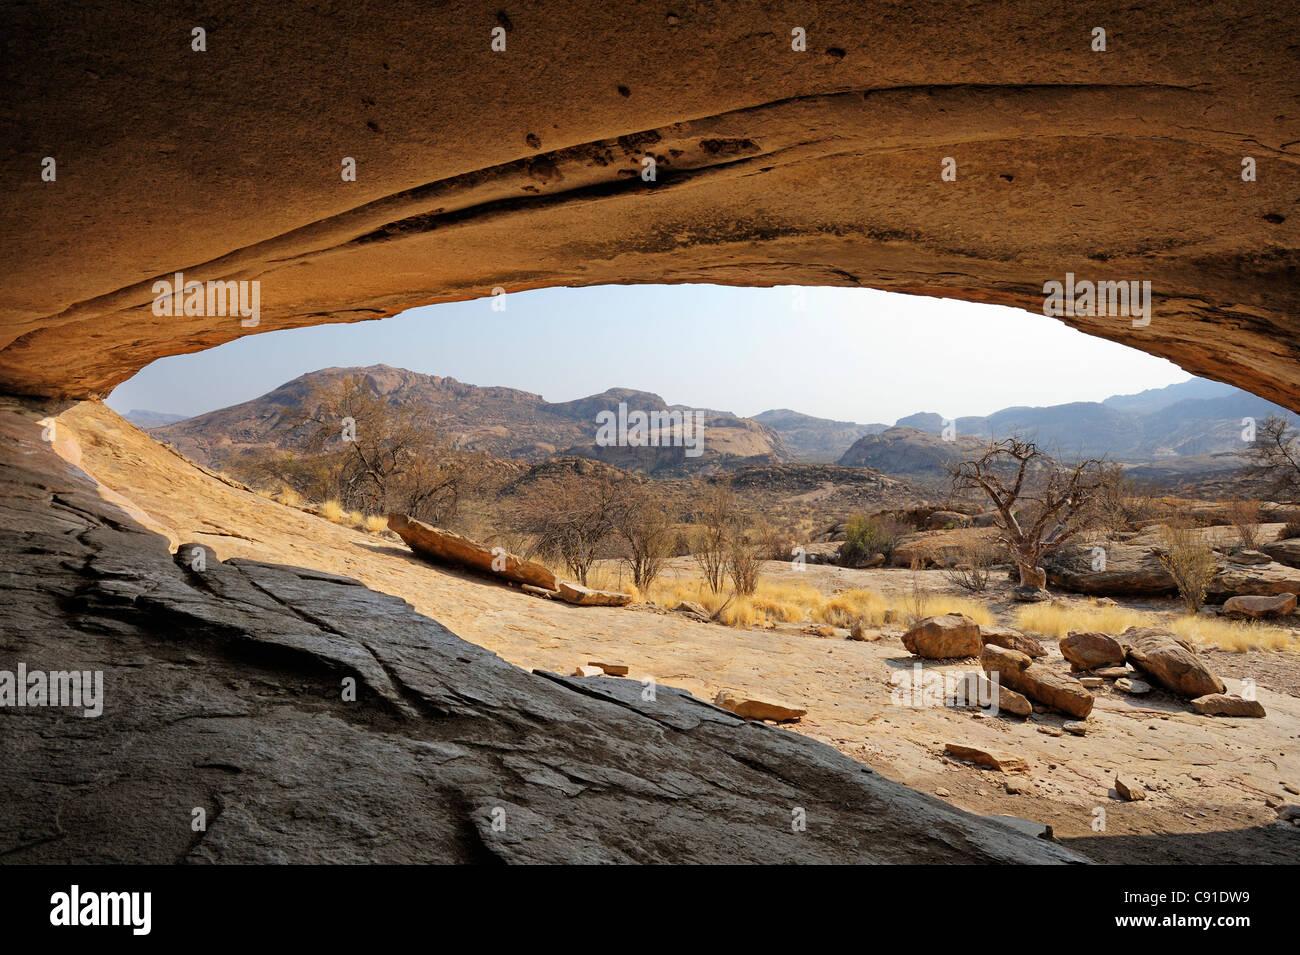 Abrigo de pedra da Caverna Phillipp com vista sobre savannah, Erongo Ameib, montanhas, Namíbia Imagens de Stock